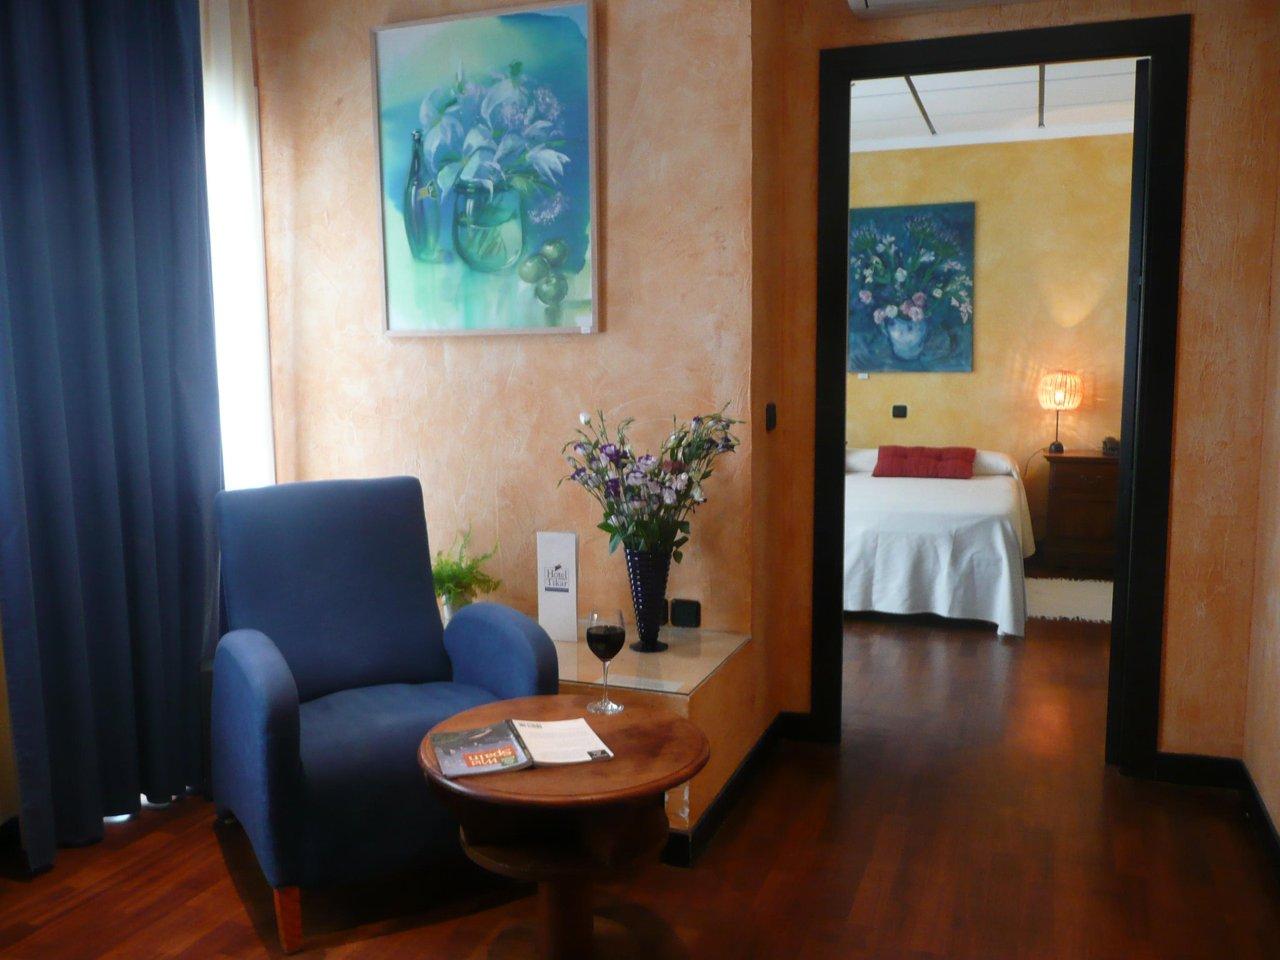 http://www.hoteltikar.com//wp-content/uploads/2017/01/suite-junior-102-tikar.jpeg